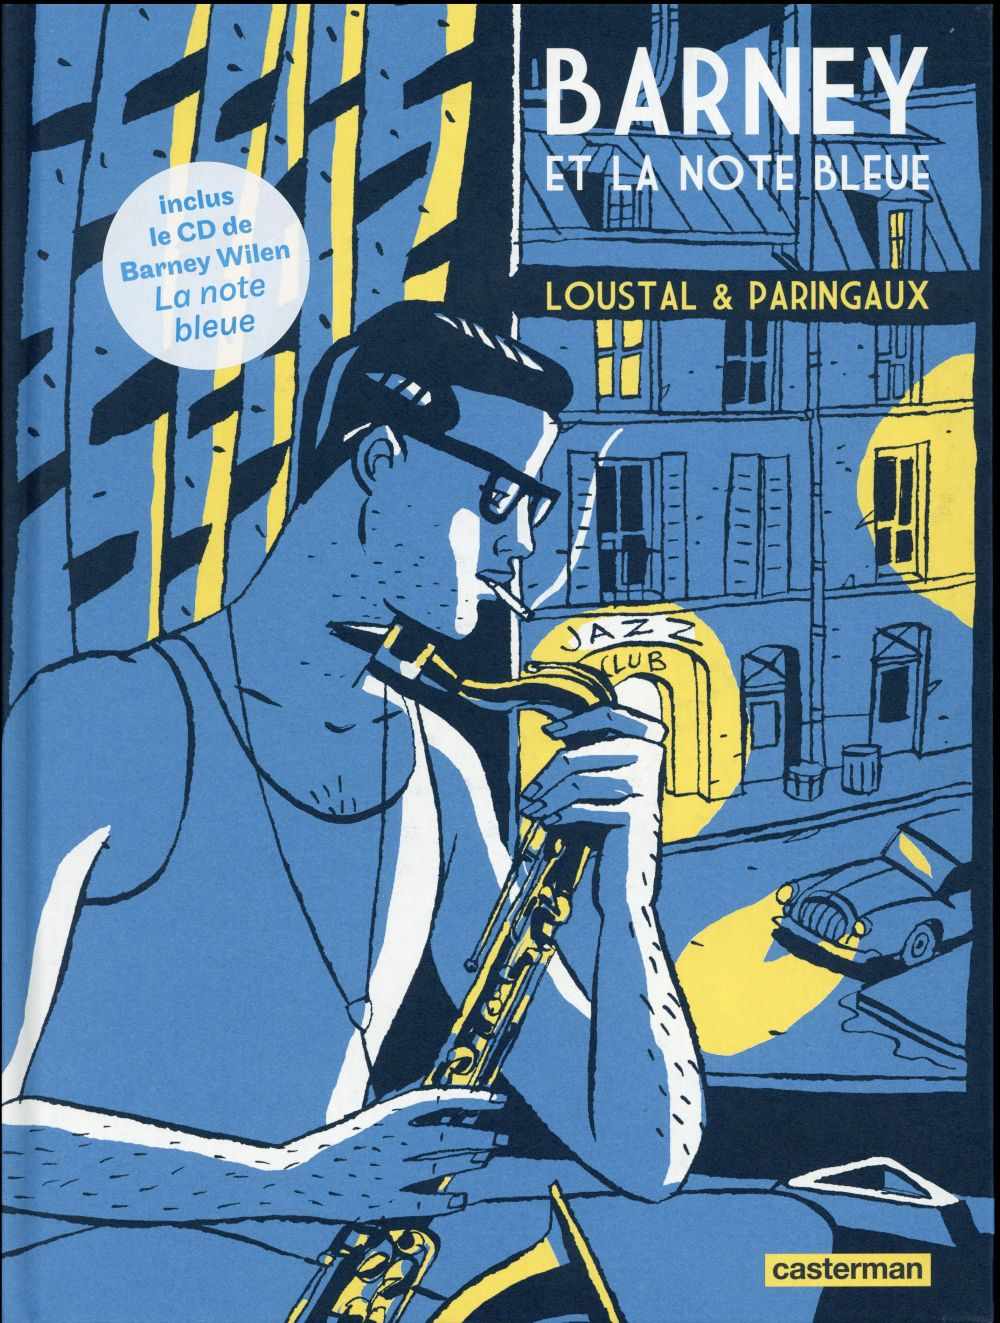 Barney et la note bleue - Paringaux - Loustal - 30eme anniversaire - couverture